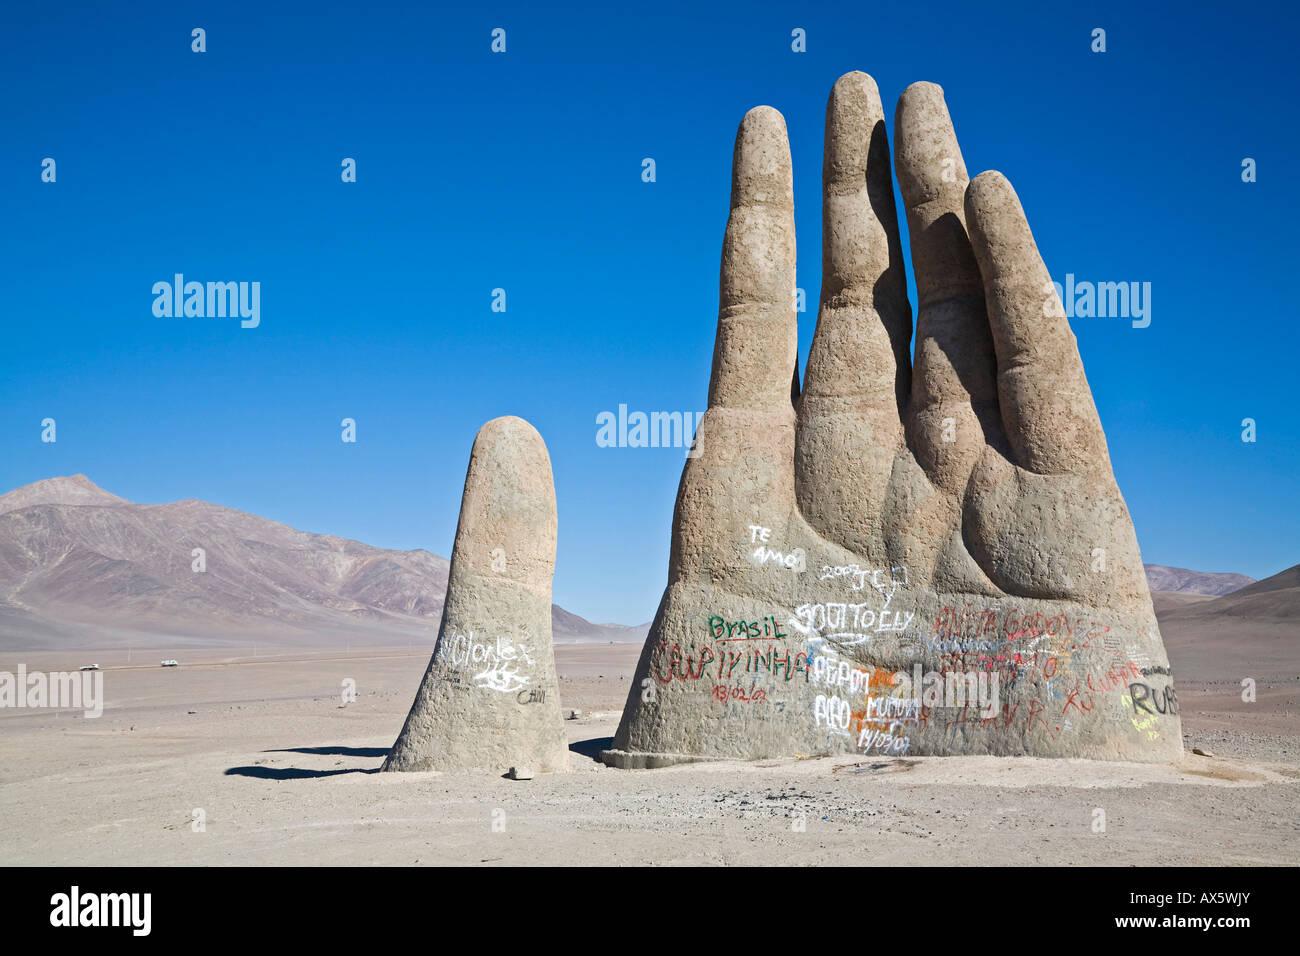 Mano del Desierto è una grande scultura di una mano, il Deserto di Atacama, Cile, Sud America Immagini Stock